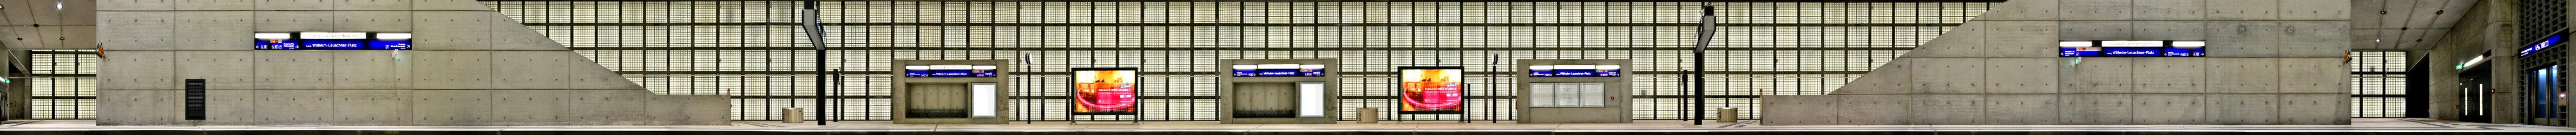 Platz der Friedlichen Revoluton Station